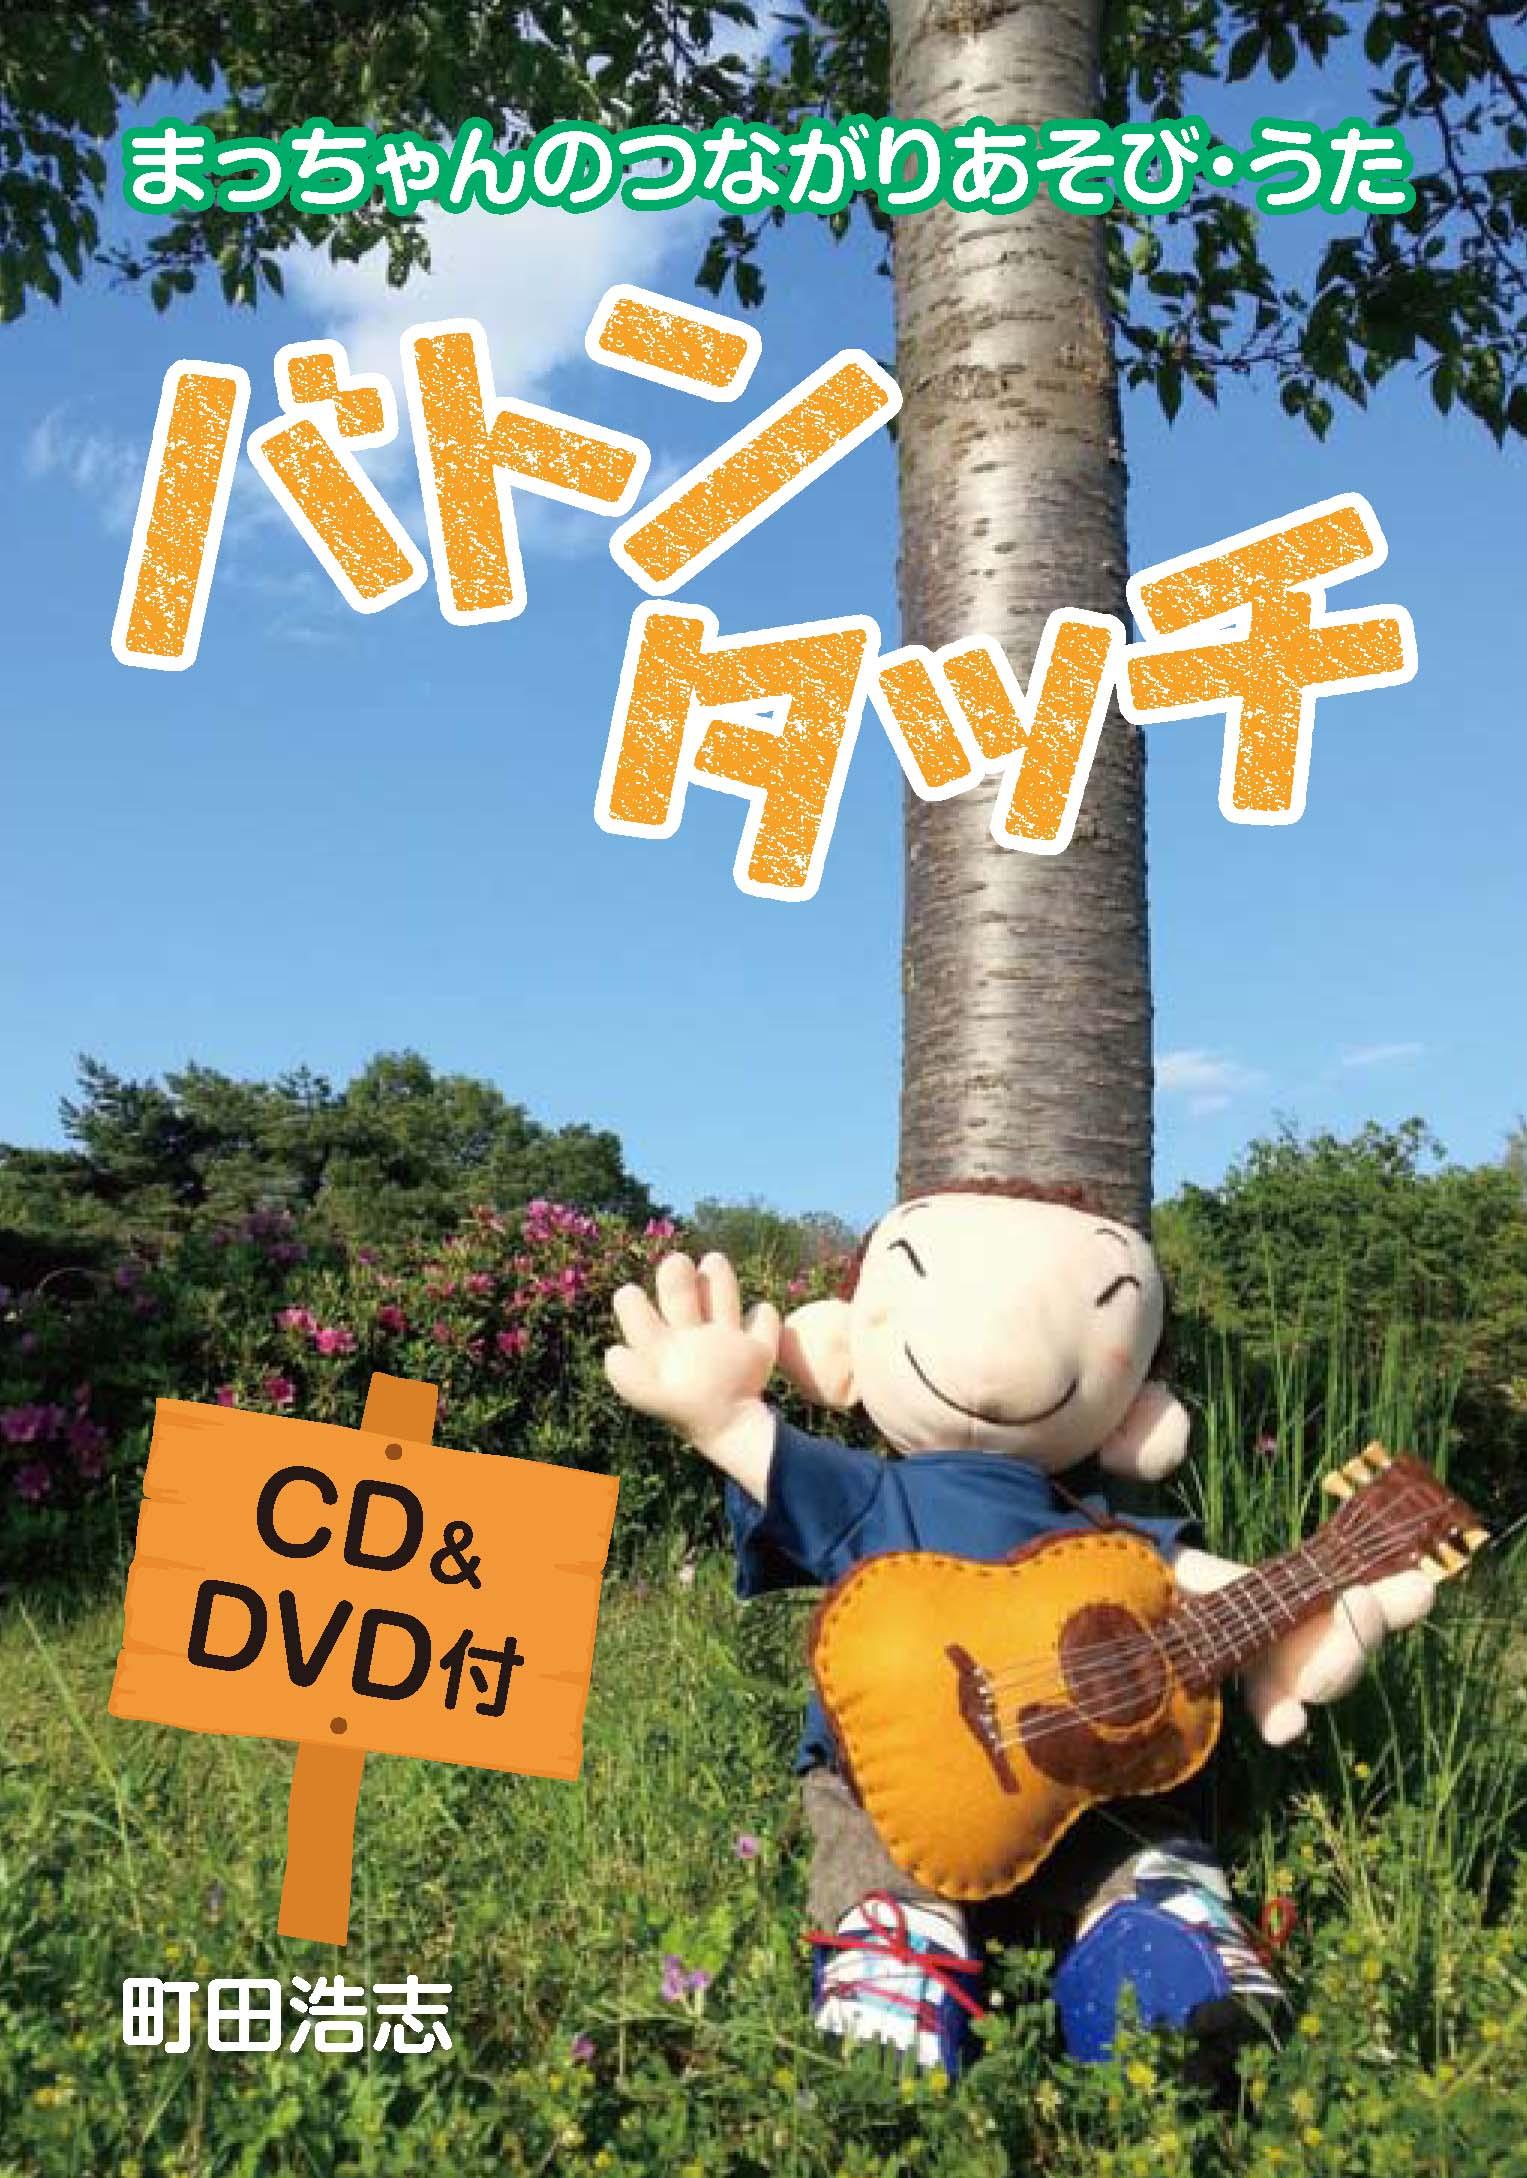 CD・町田浩志「バトンタッチ」